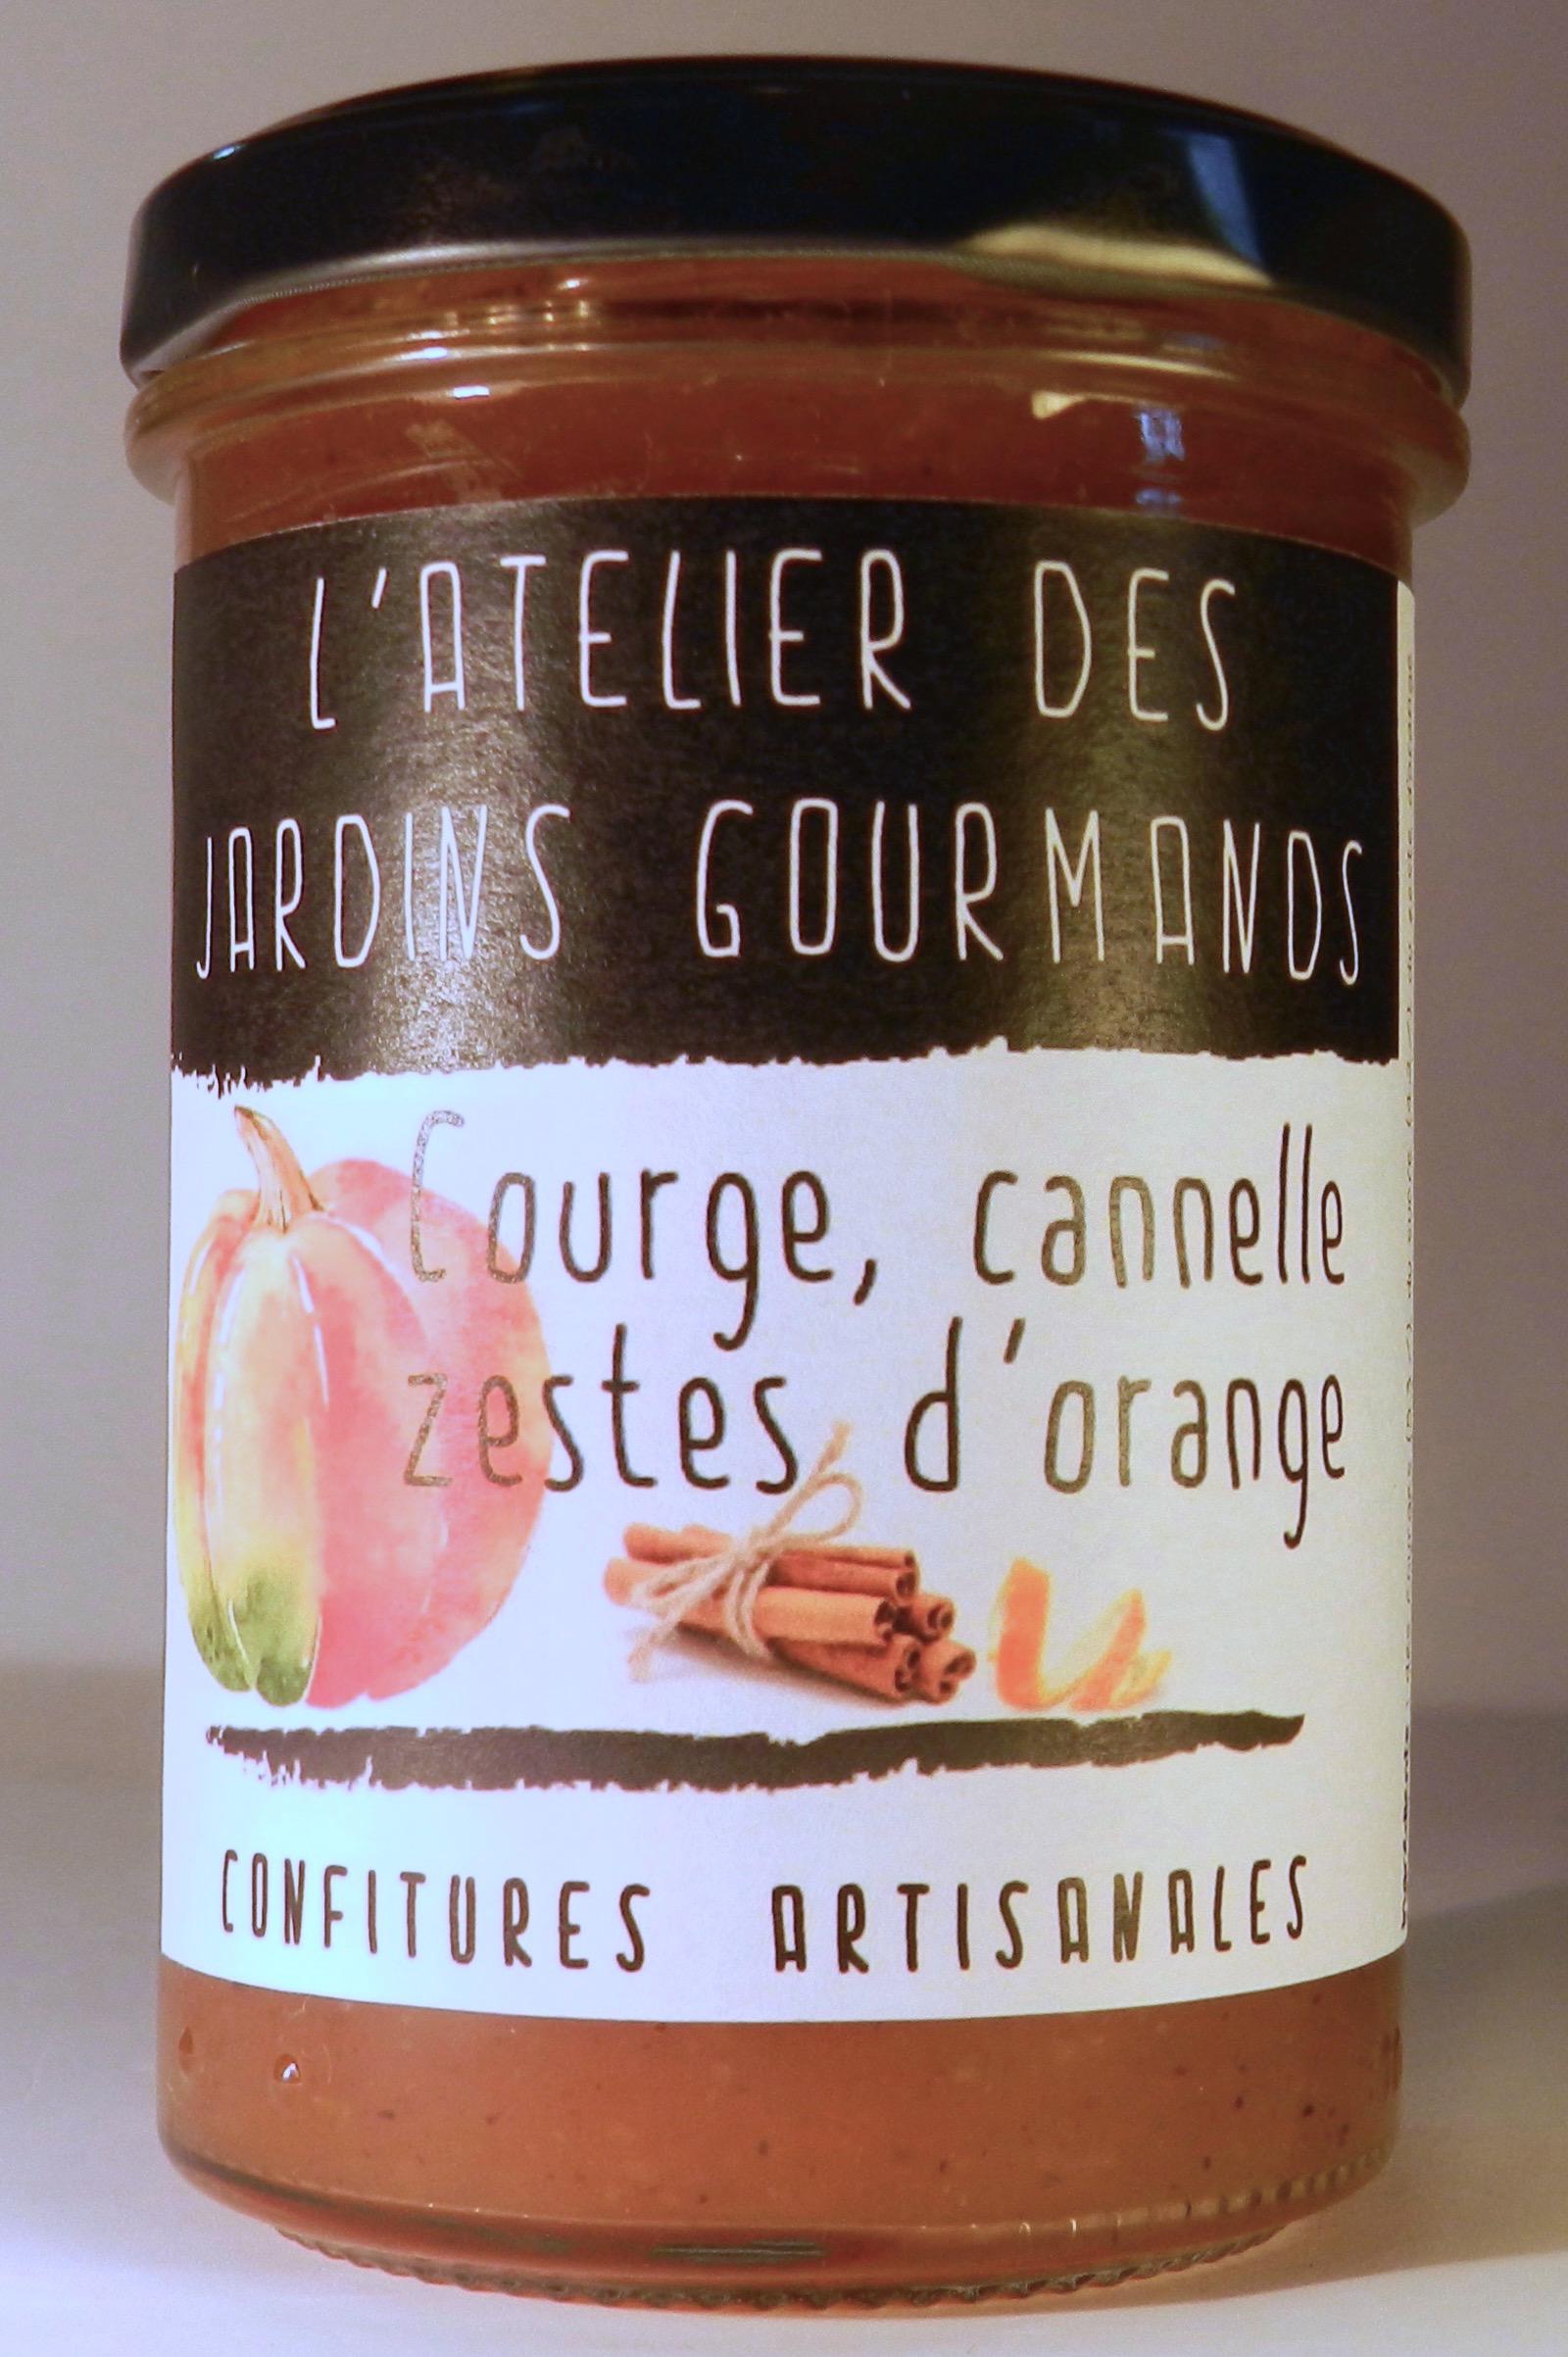 confiture courge_cannelle_zestz d'orange l'Atelier des Jardins Gourmands